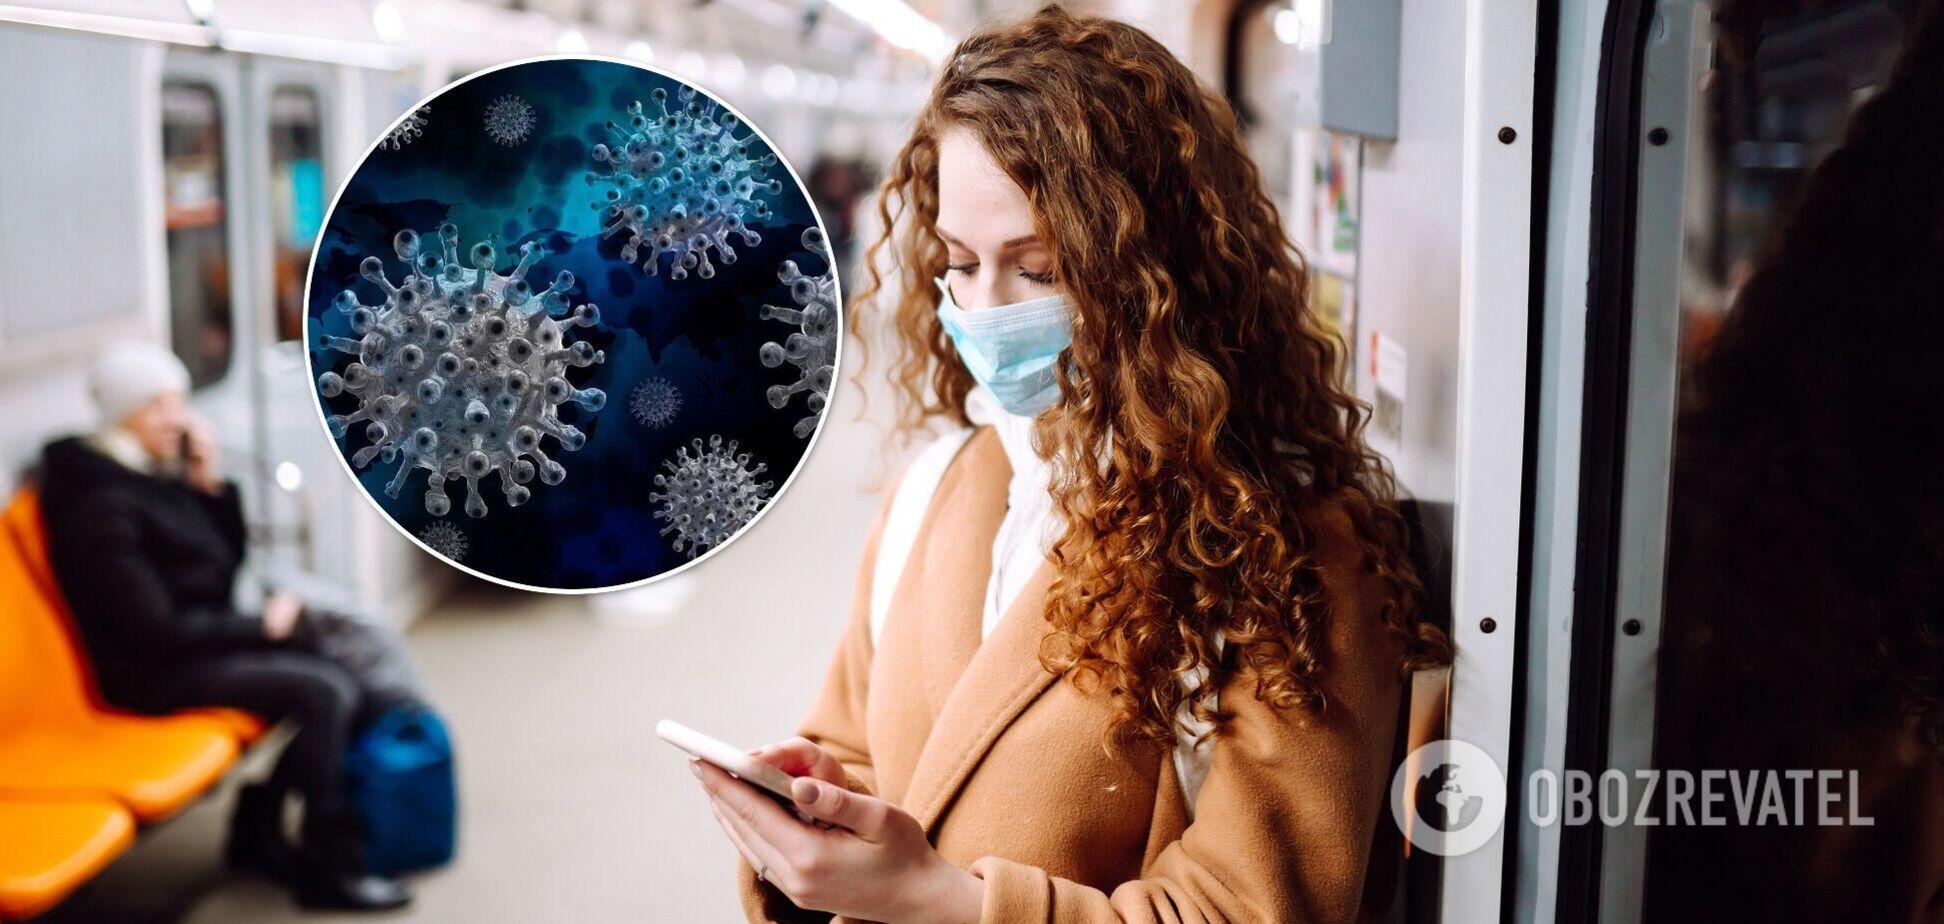 Київ знову став лідером щодо зараження COVID-19 в Україні: статистика за областями